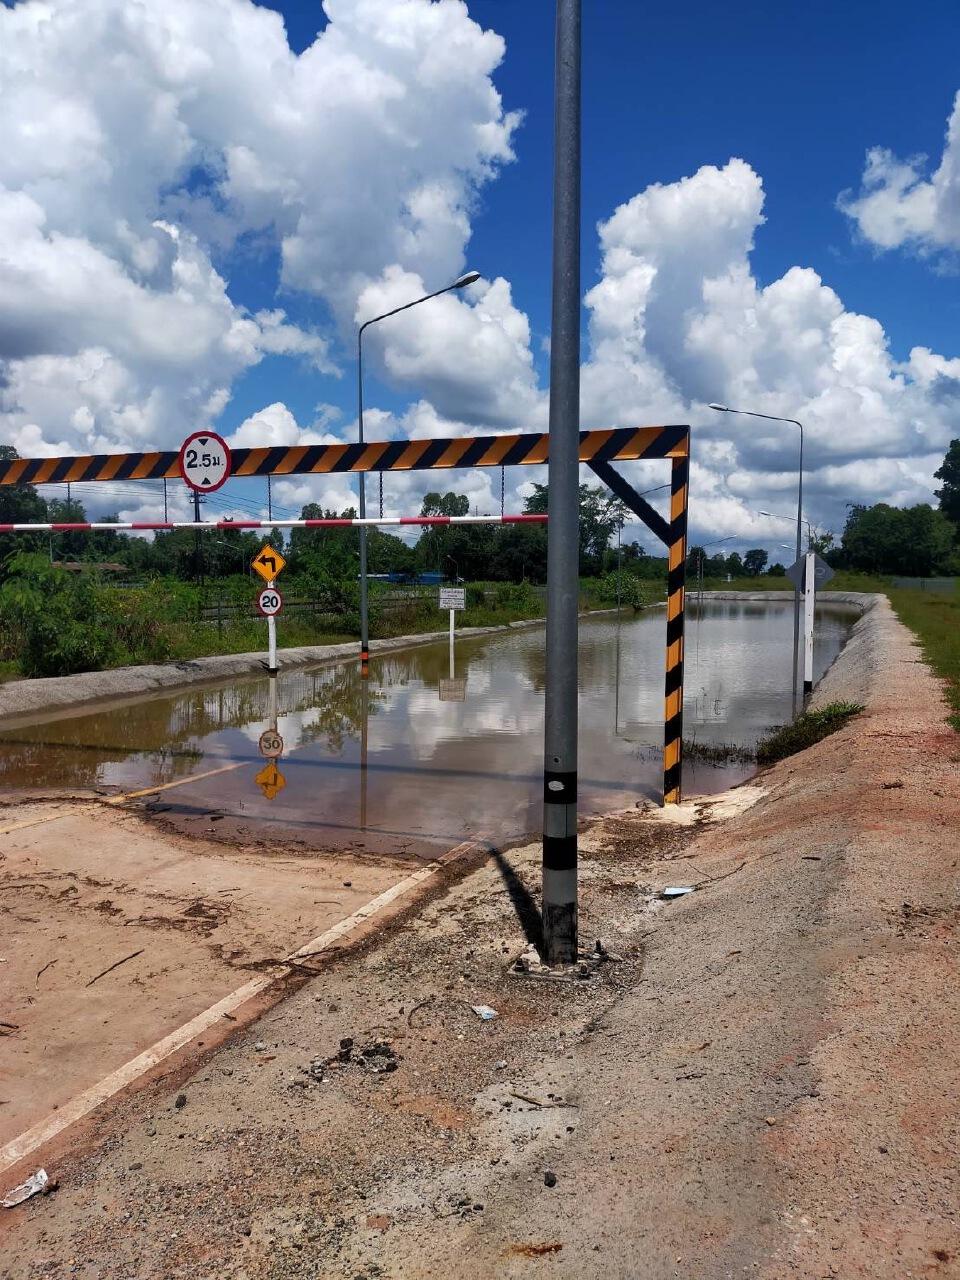 รฟท.แจงน้ำท่วมอุโมงค์ลอดทางรถไฟทางคู่ชุมทางจิระ - ขอนแก่น